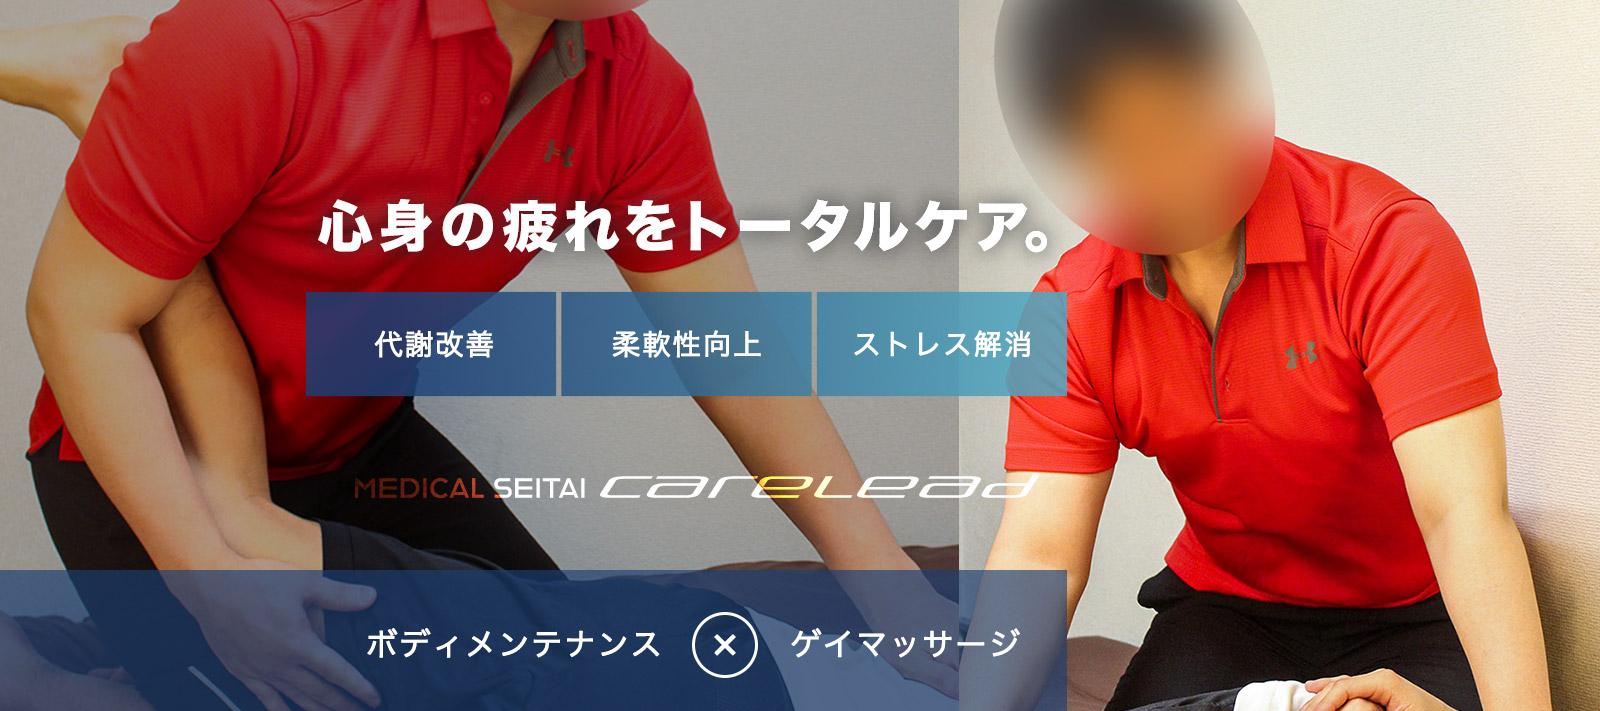 札幌ゲイマッサージ MEDICAL SEITAI CARELEAD